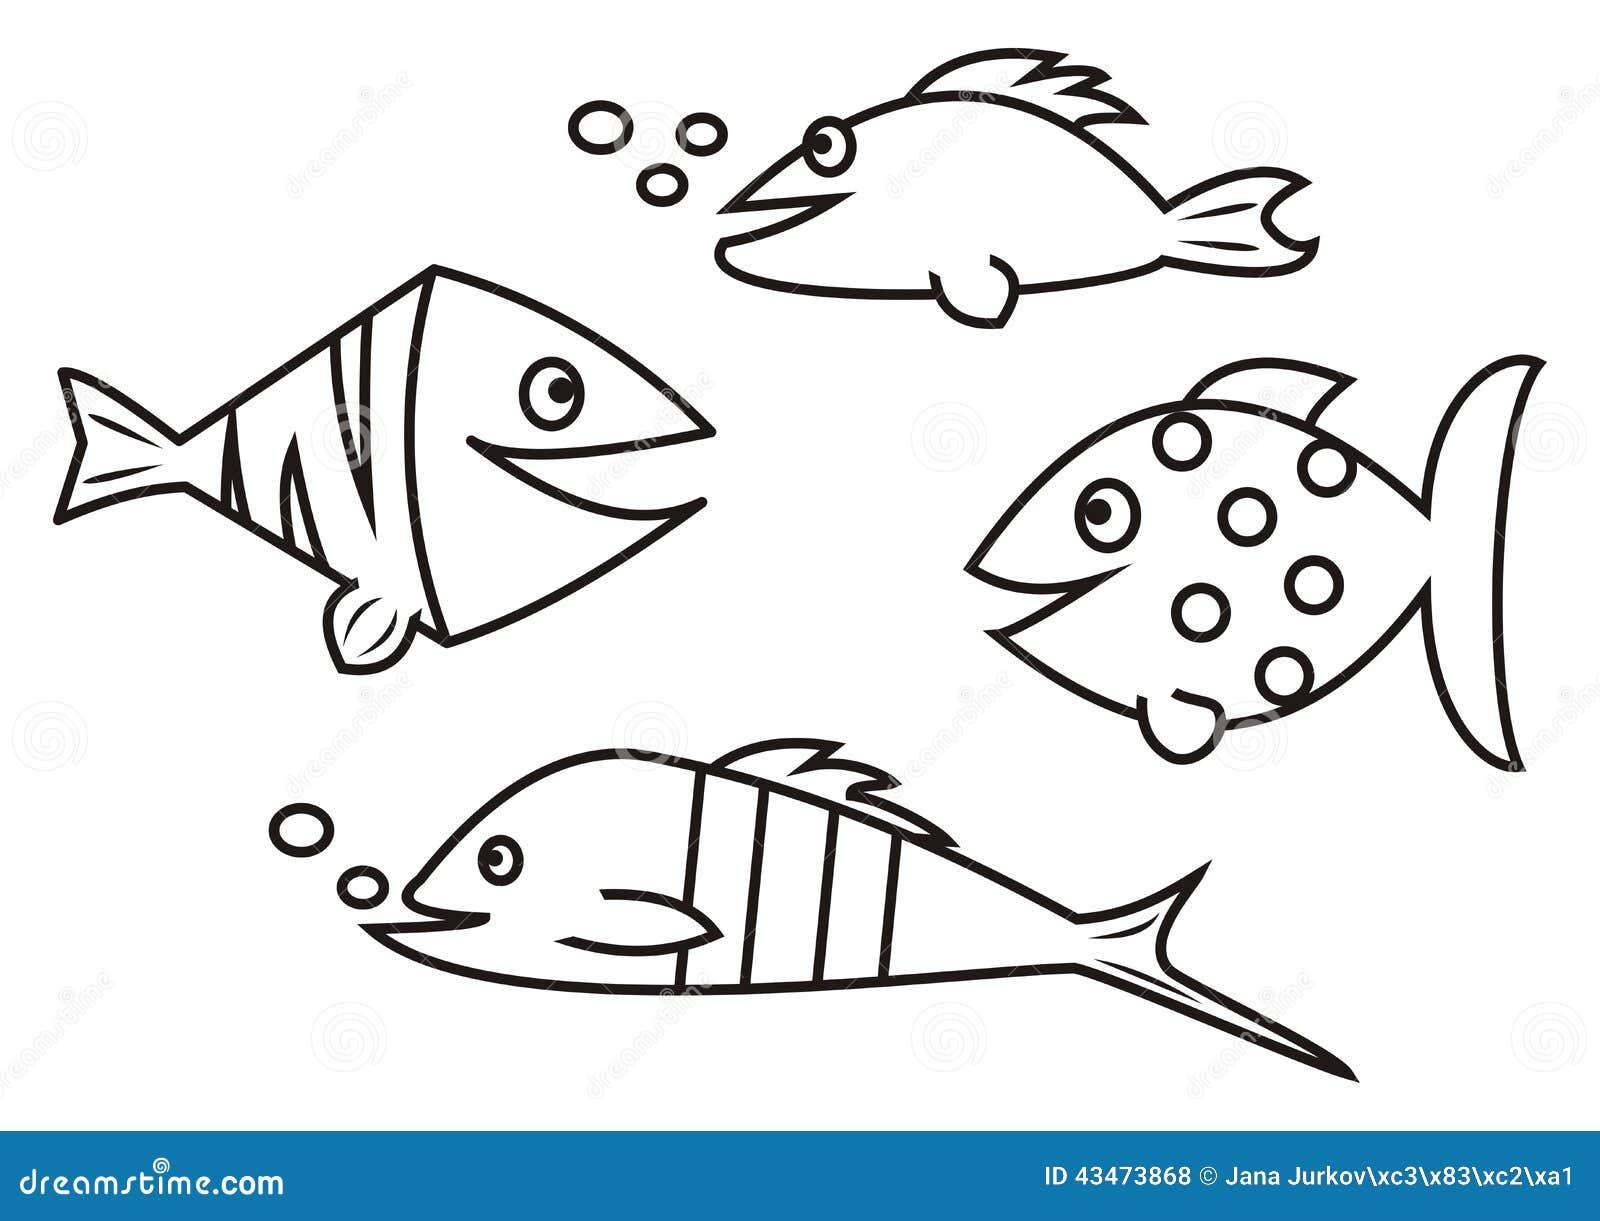 Peixes livro para colorir ilustra o do vetor imagem for Pesciolini da colorare e stampare